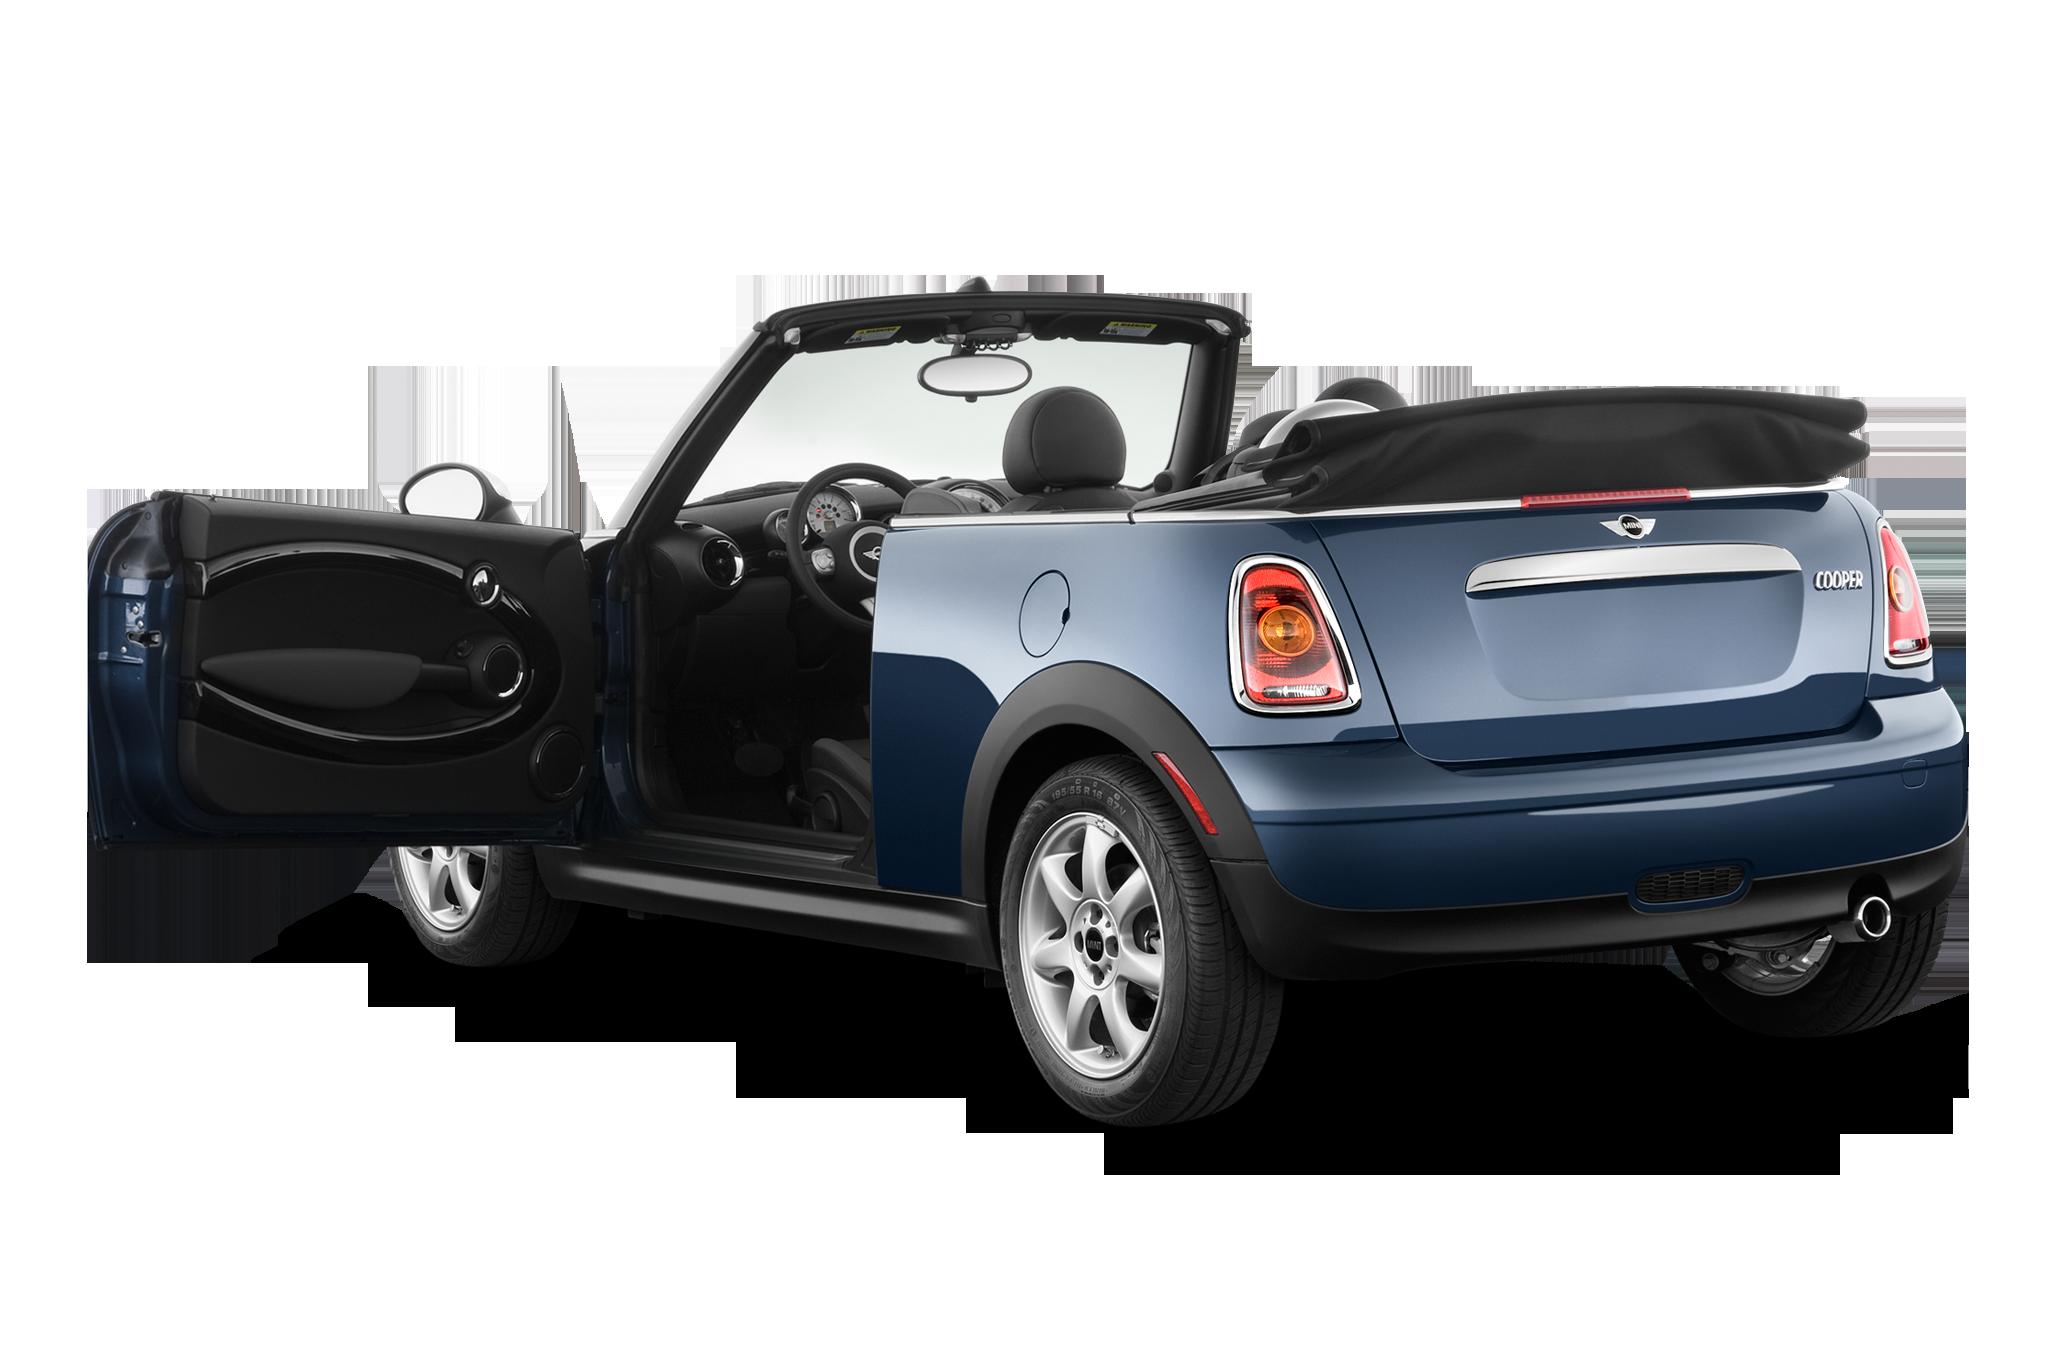 2010 mini cooper camden edition mini compact coupe review rh automobilemag com 2011 Mini Cooper 2012 Mini Cooper Convertible